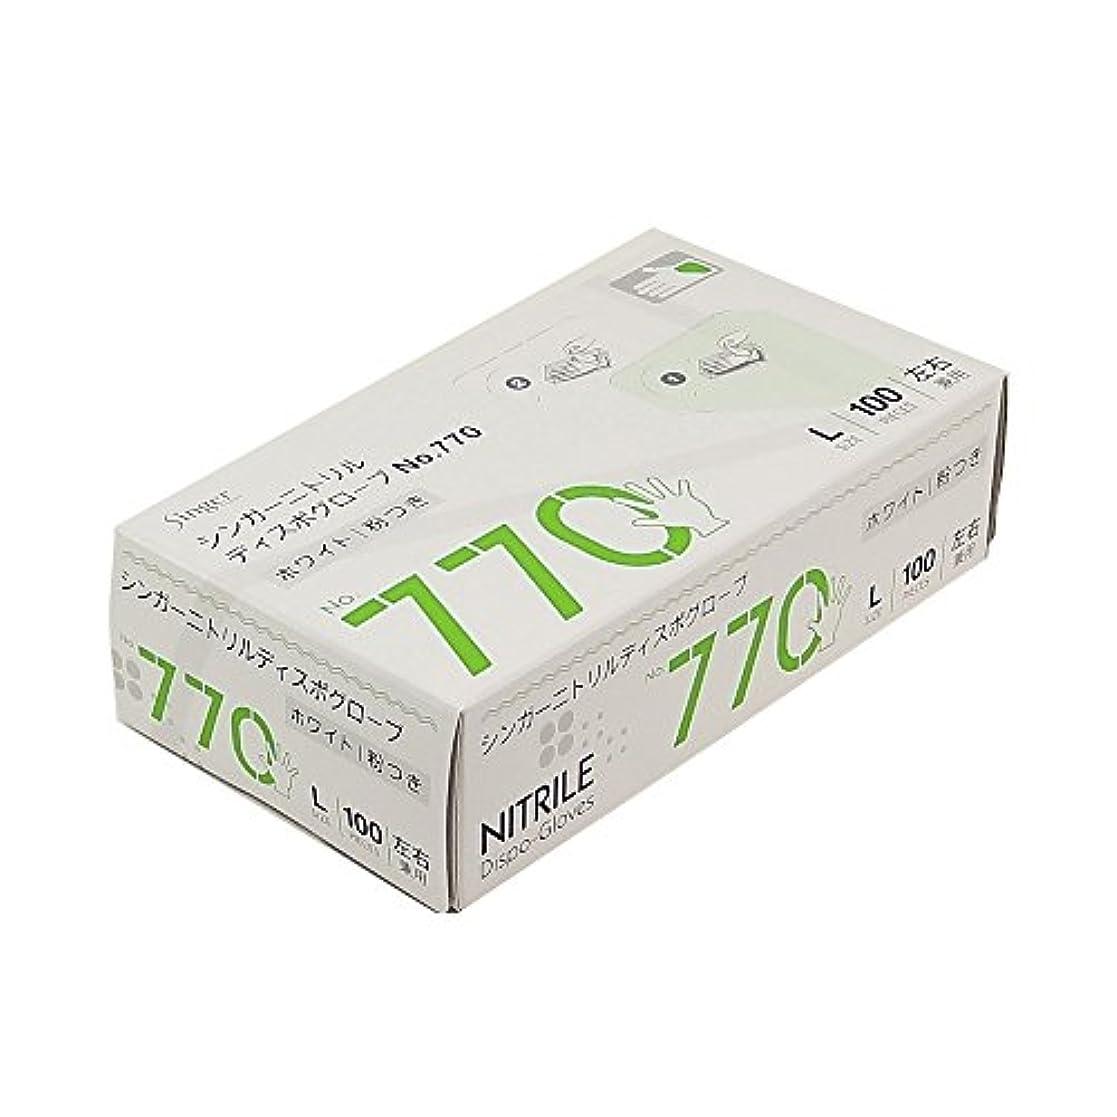 香り精神的に一貫した宇都宮製作 ディスポ手袋 シンガーニトリルディスポグローブ No.770 ホワイト 粉付 100枚入  L